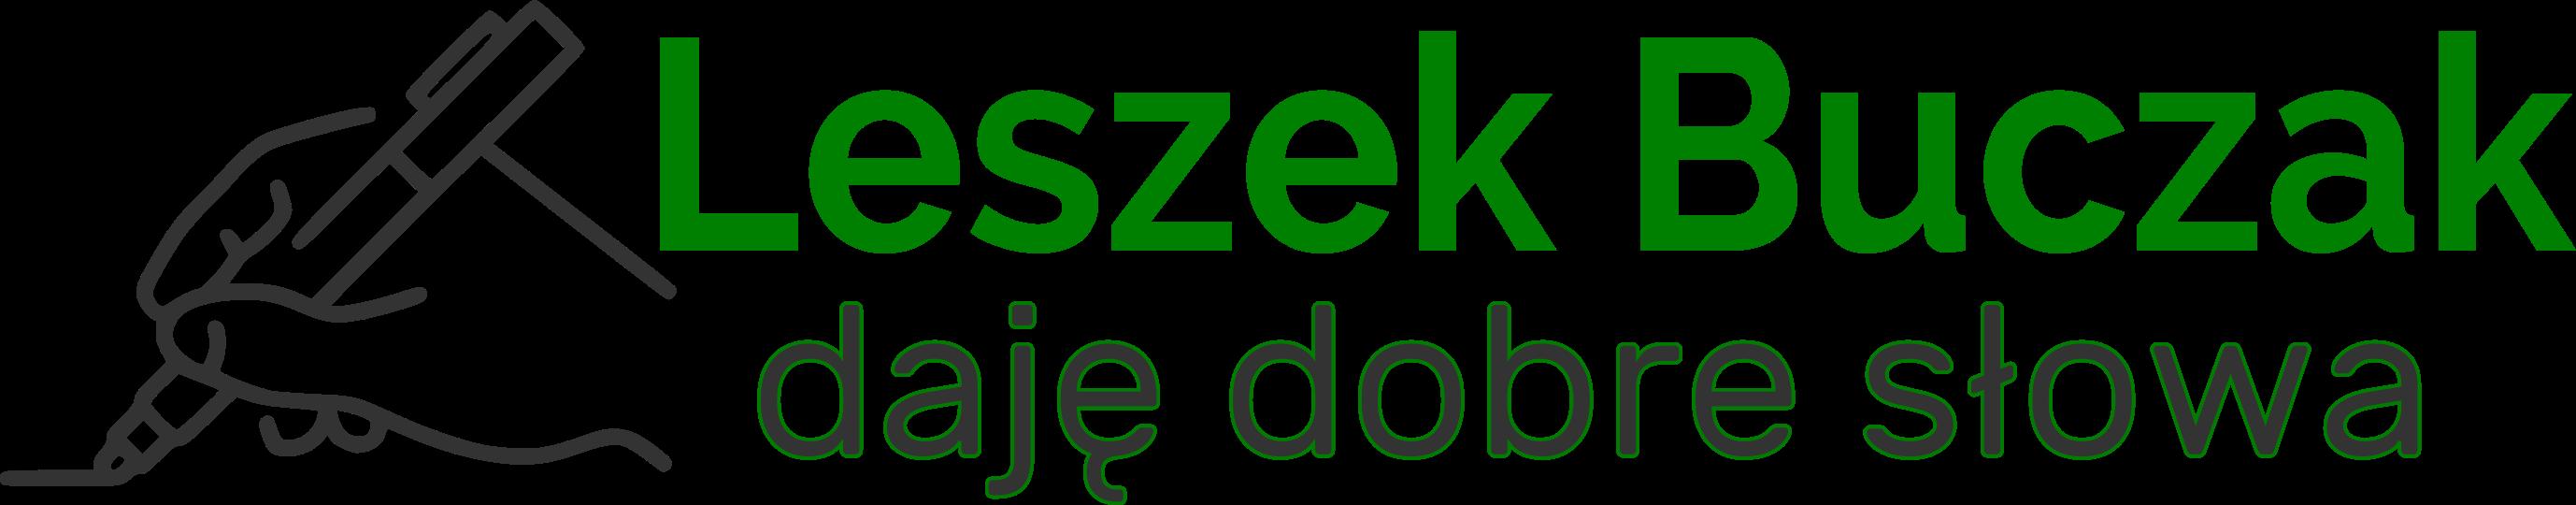 Leszek Buczak logo